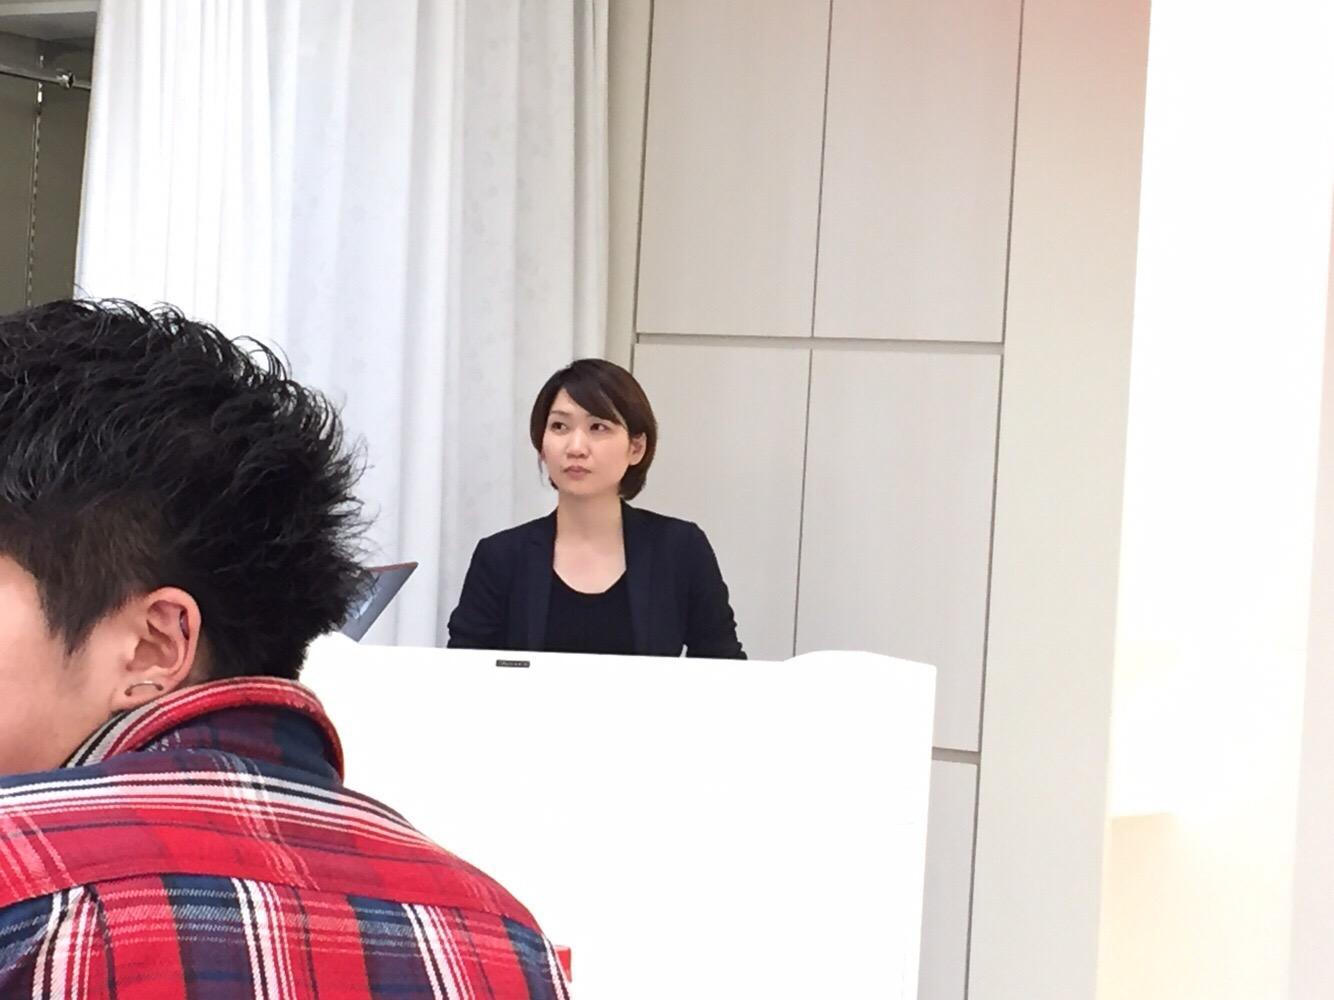 本部でホットペッパーの集客講習||坂戸駅南口人気美容院ディレクター高橋弘一